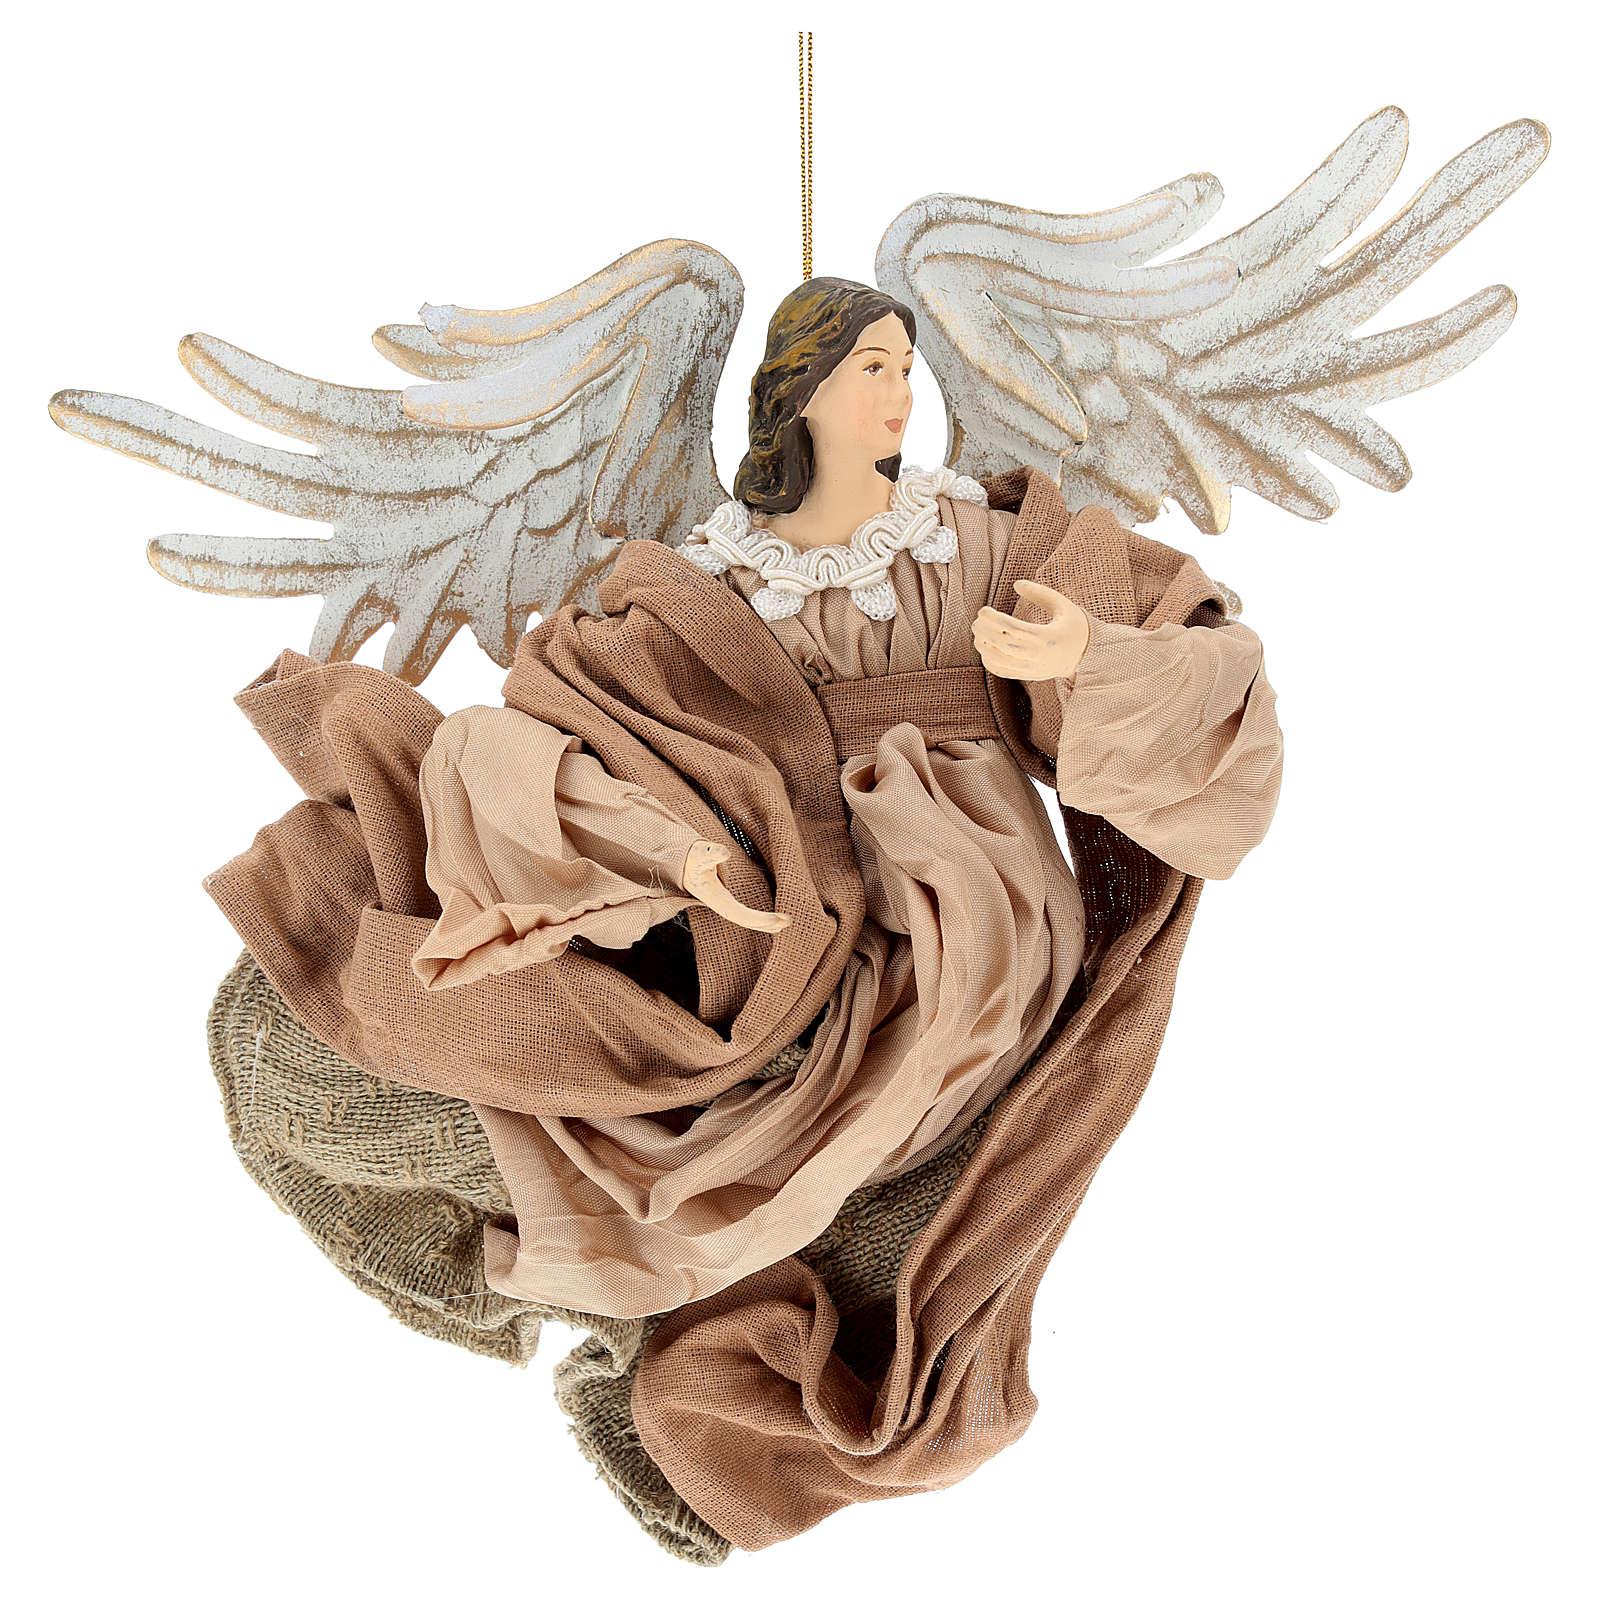 Anjo em vôo em resina com cabeça para a direita 3